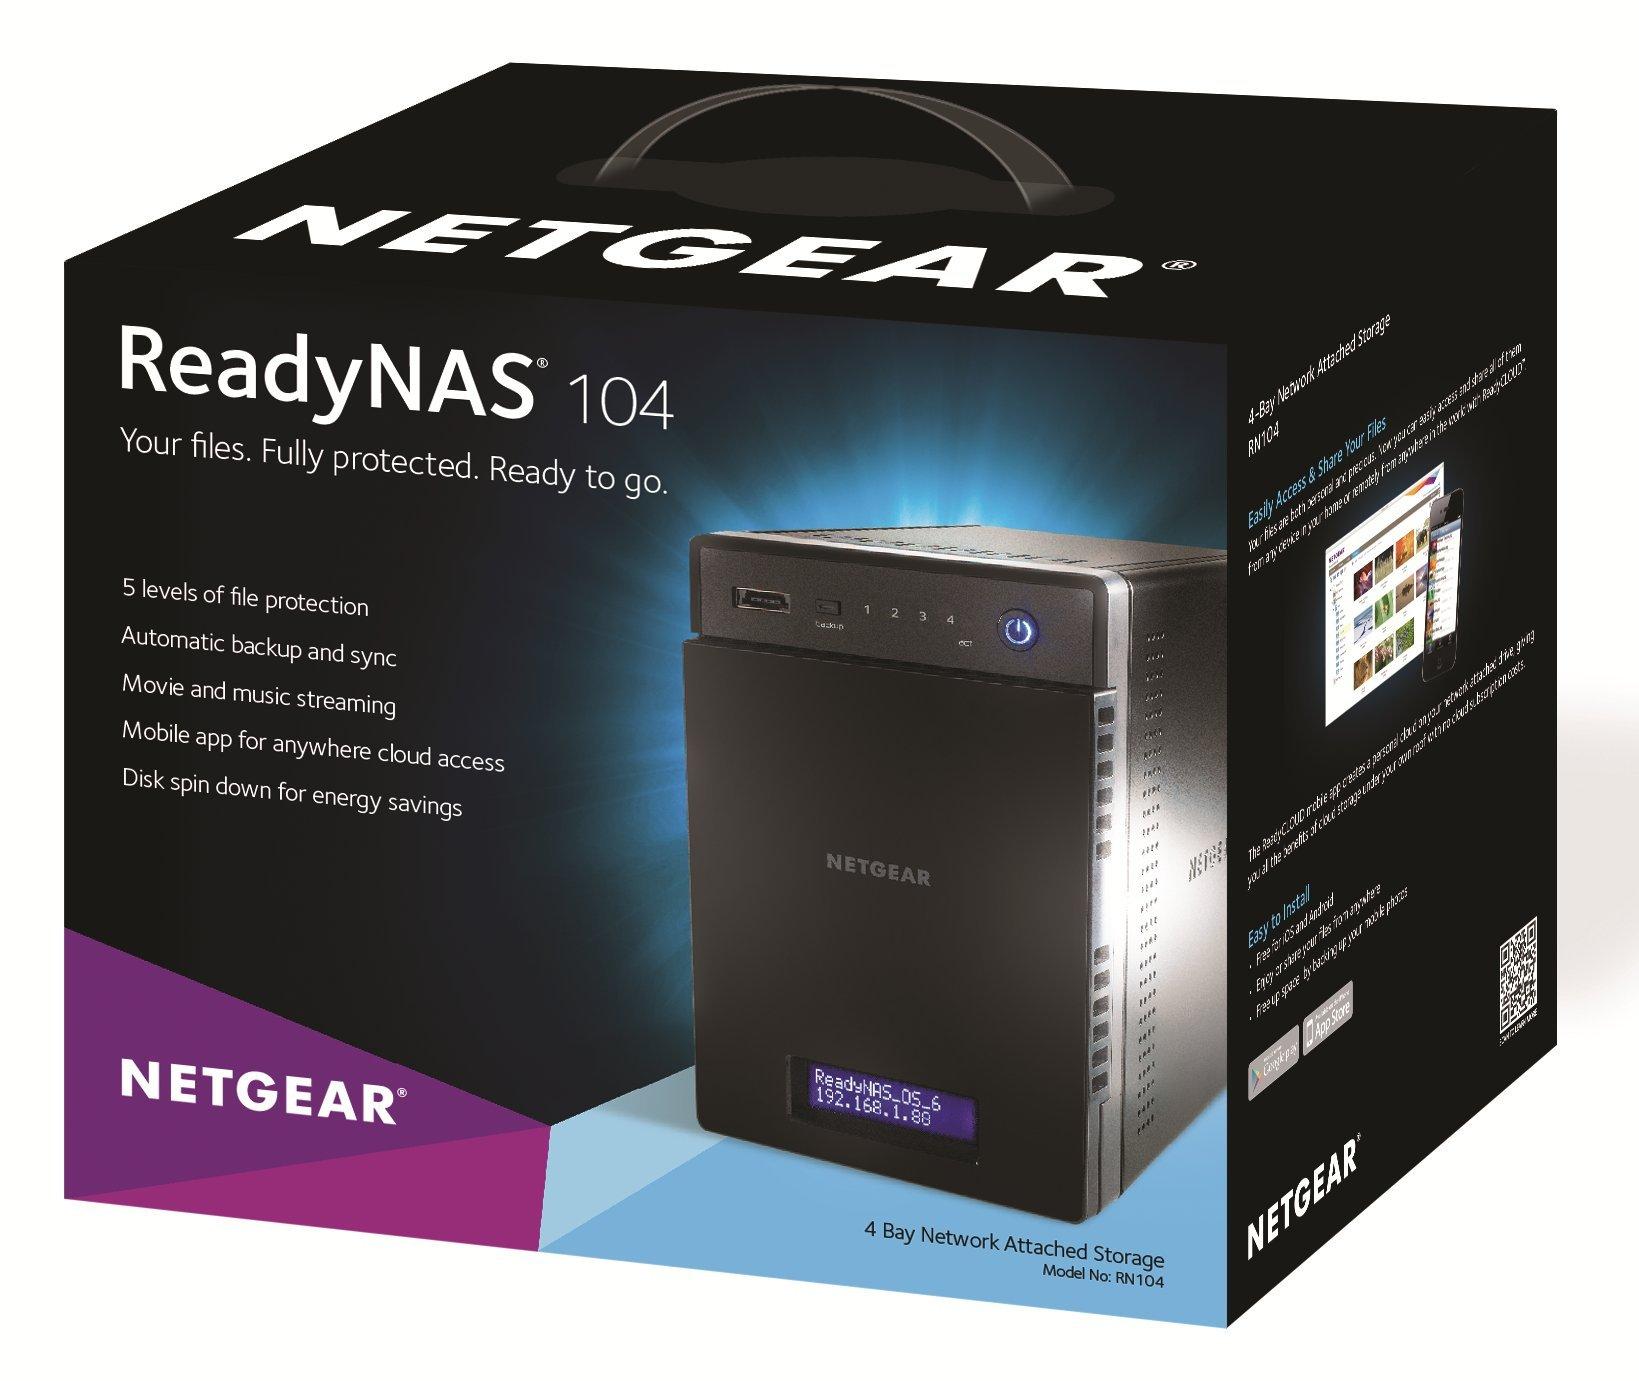 NETGEAR ReadyNAS 104 4-Bay Network Attached Storage 4TB (RN10441D-100NAS) by NETGEAR